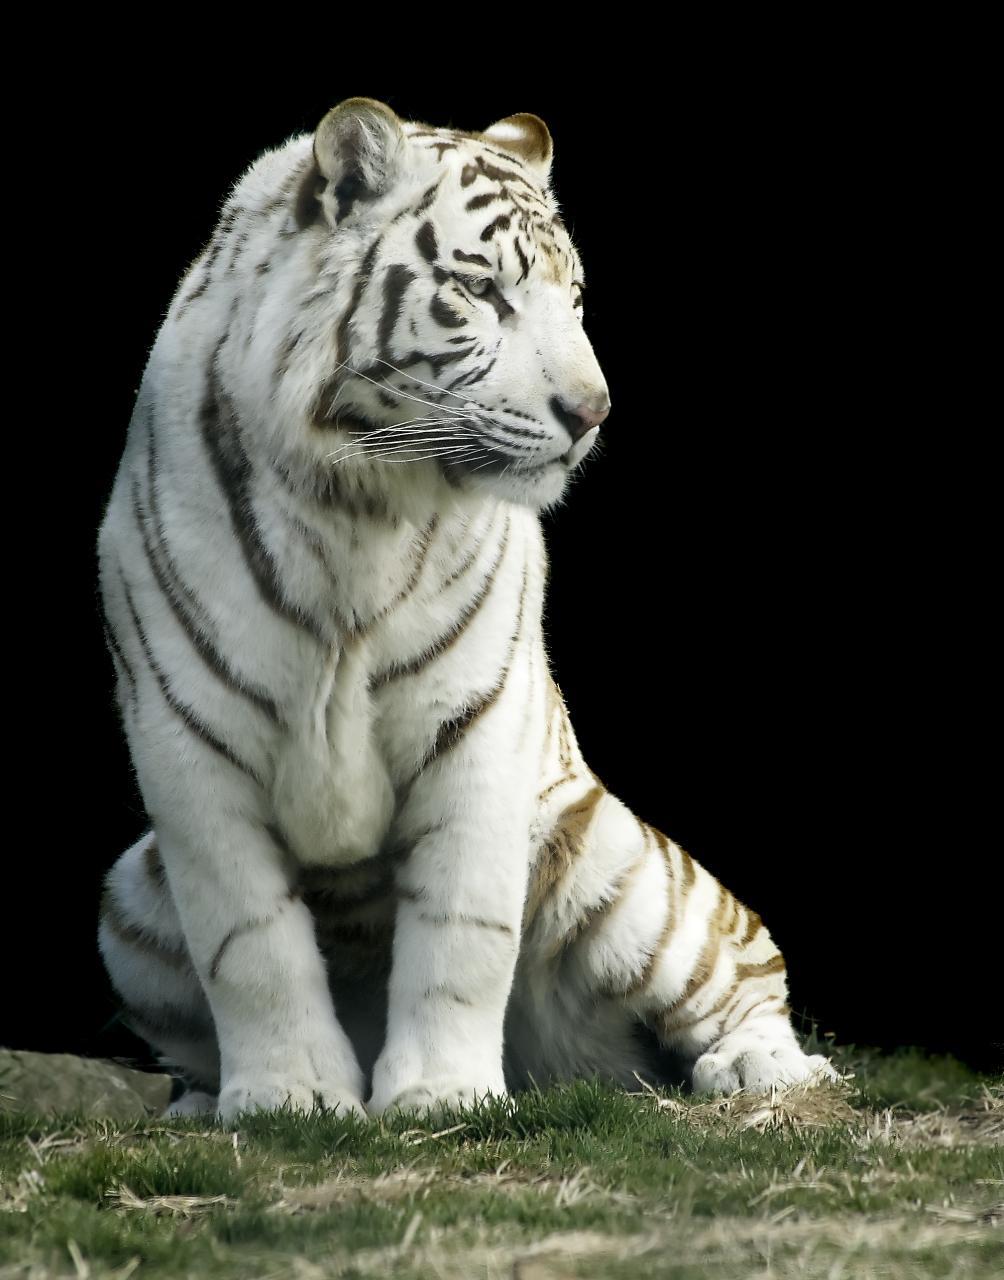 Interprétation du rêve de Laurence : Le tigre cosmique